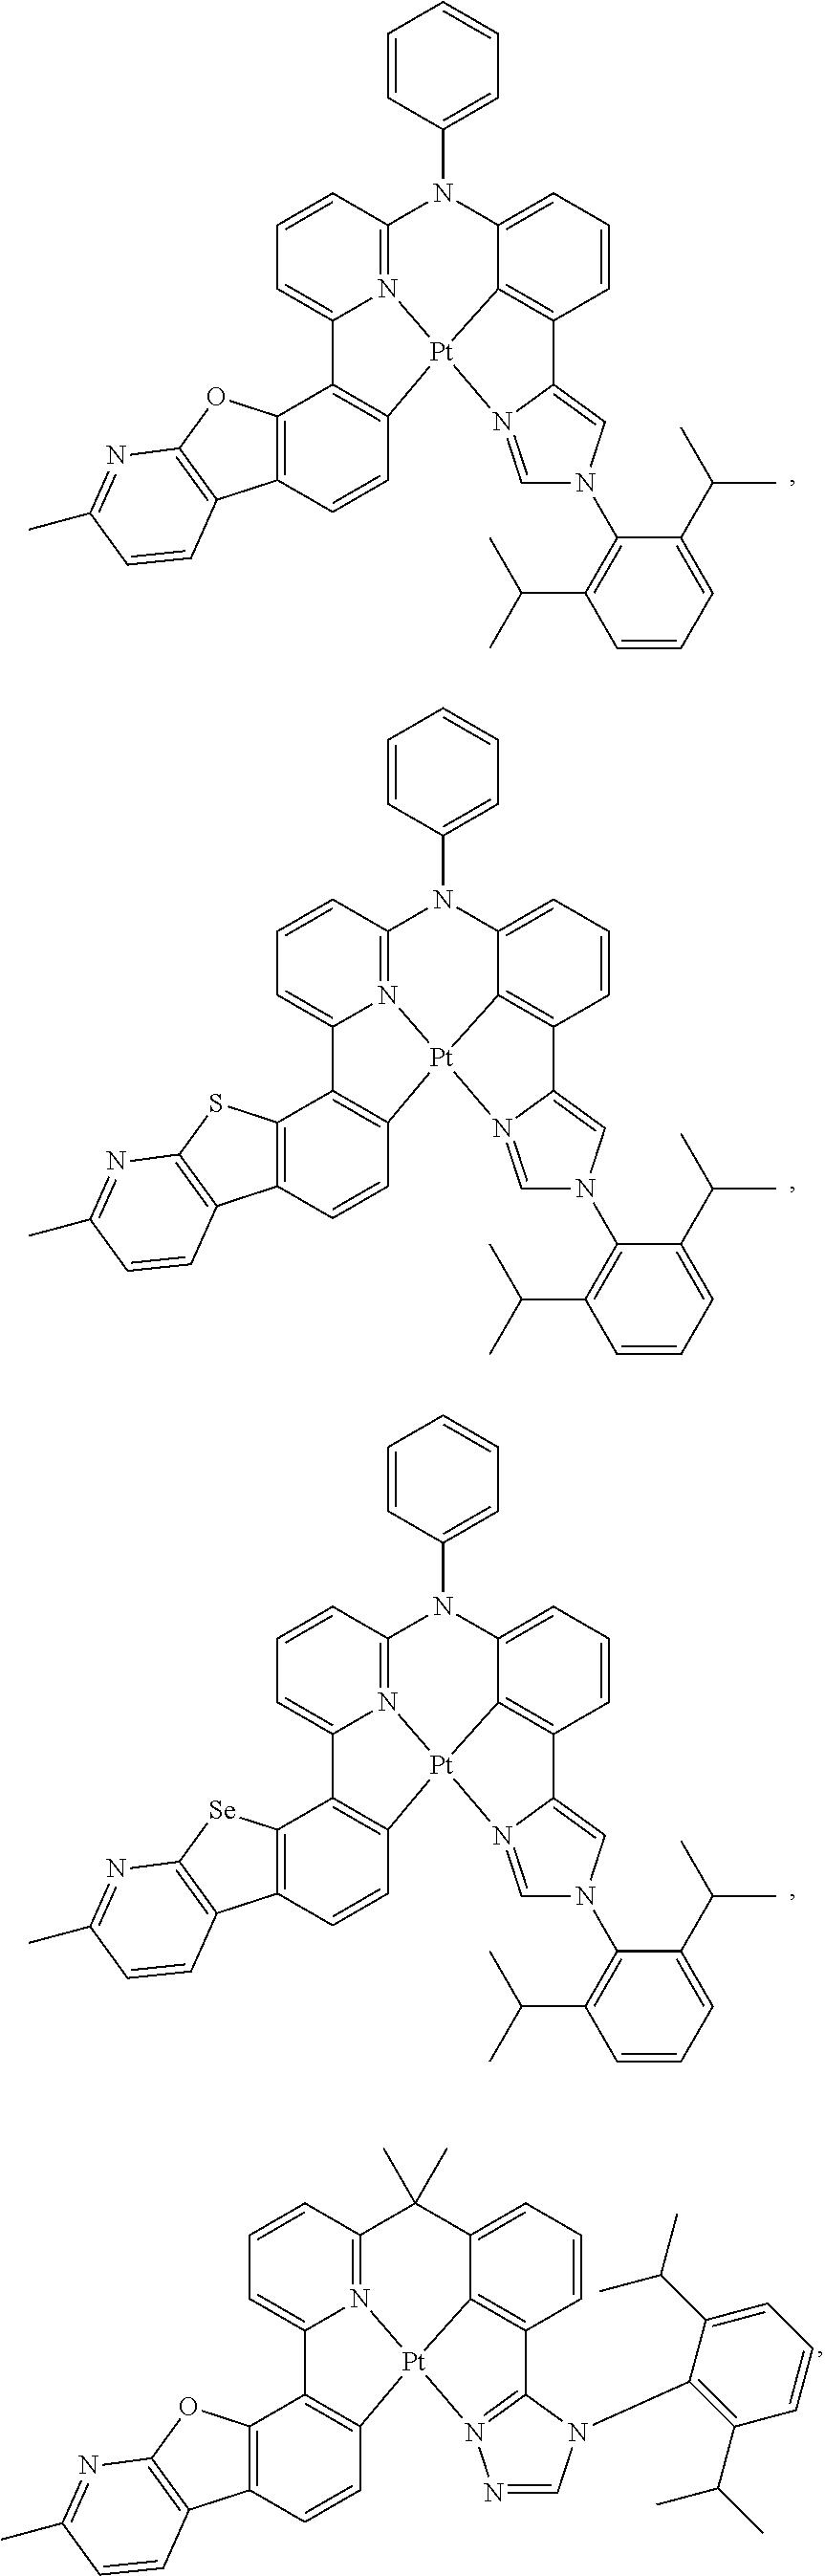 Figure US09871214-20180116-C00283